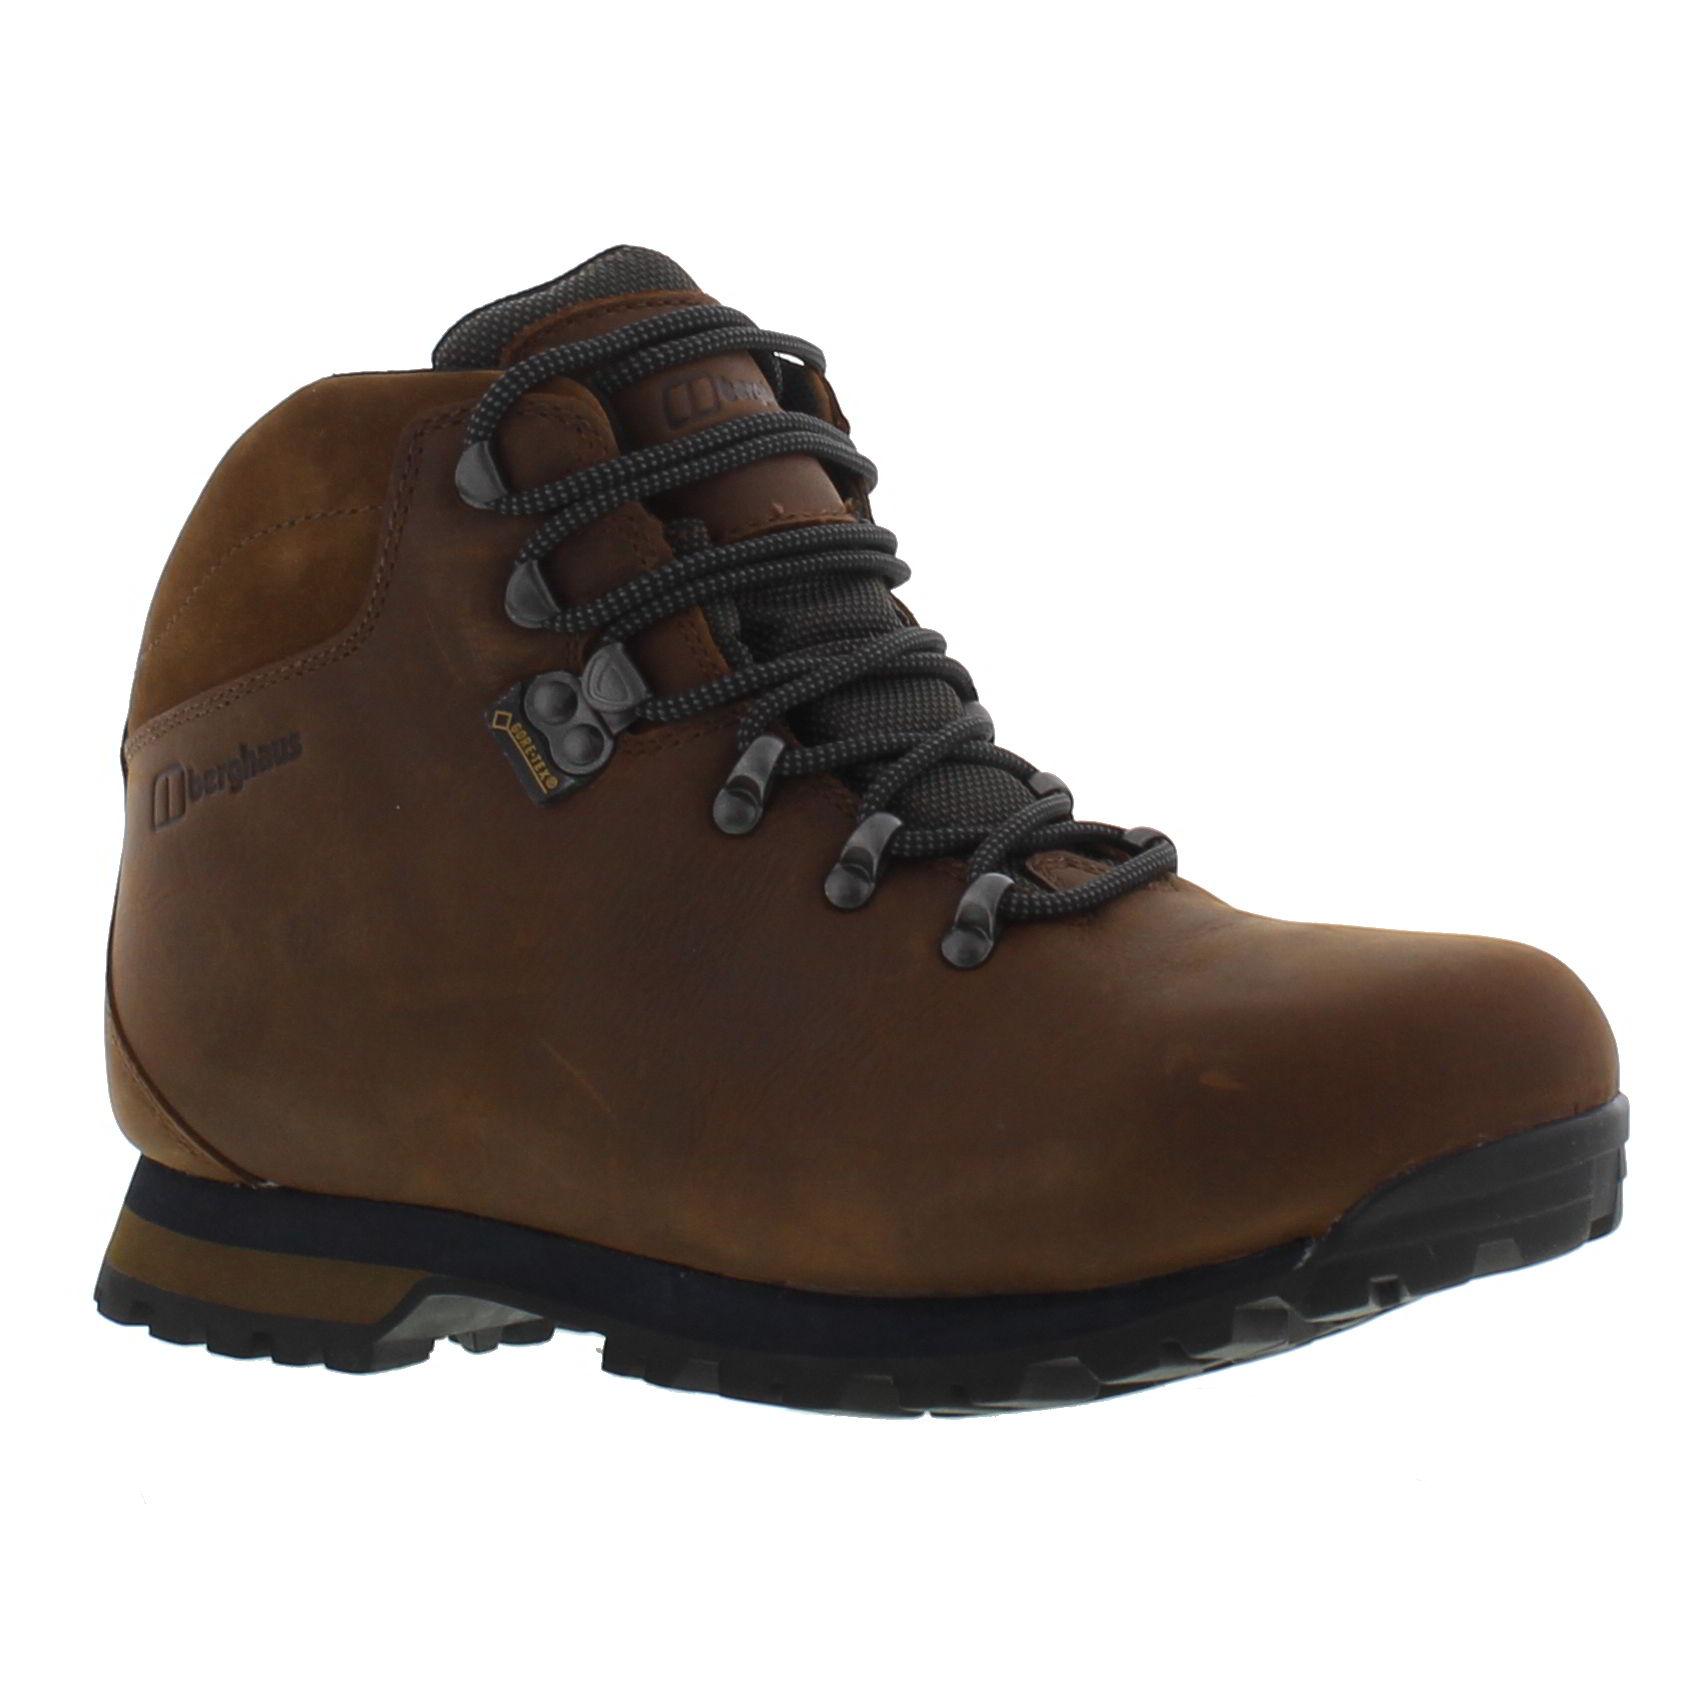 b46f6c390d6 Details about Brasher Berghaus Hillwalker II GTX Mens Goretex Waterproof  Walking Boots